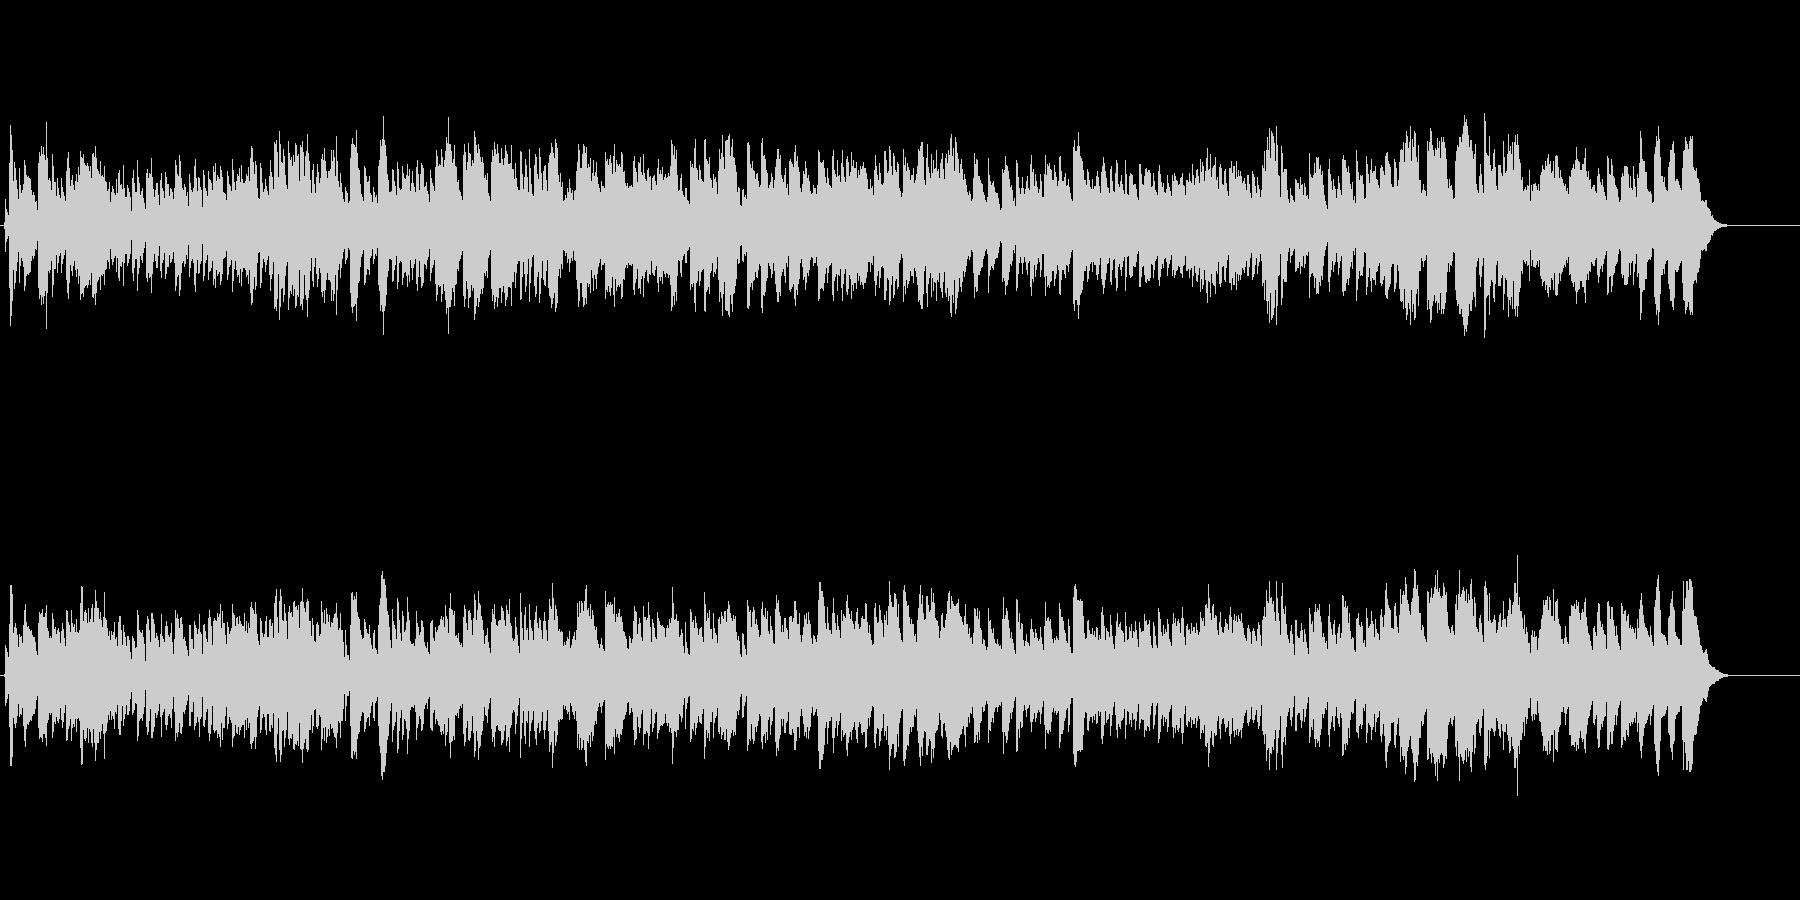 バロック時代のチェンバロ スカルラッティの未再生の波形